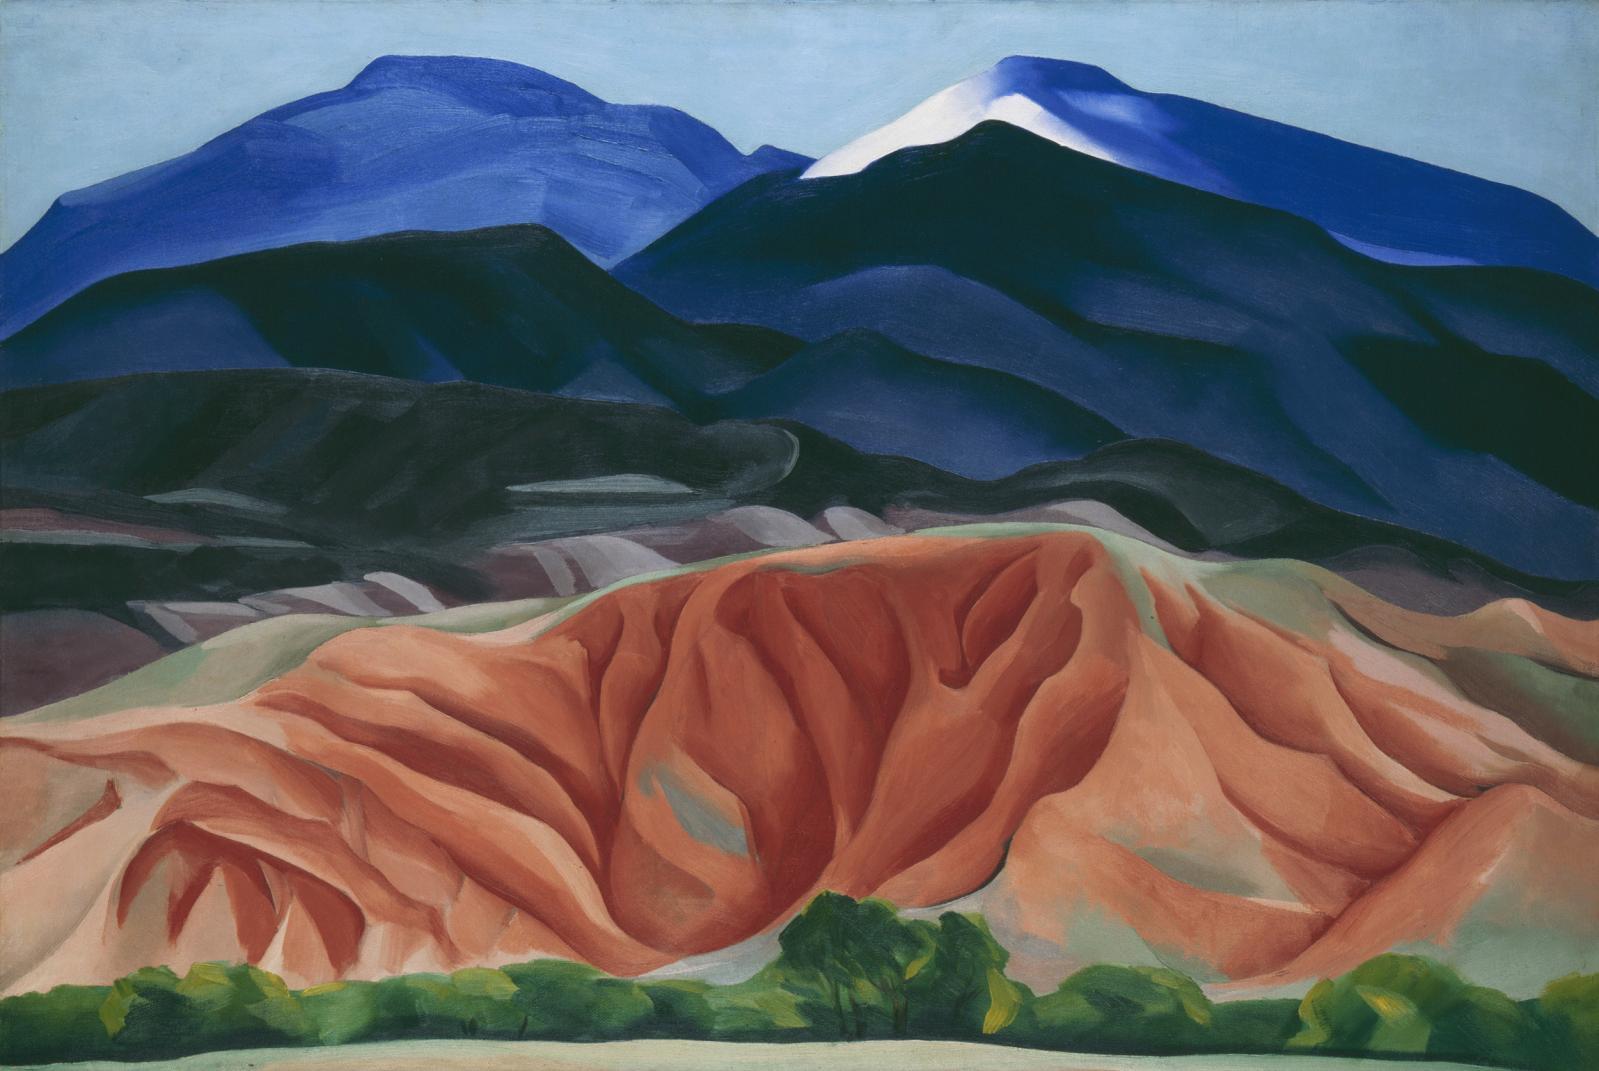 Black Mesa Landscape, 1930, huile sur toile, 61,6x92,1cm, détail.